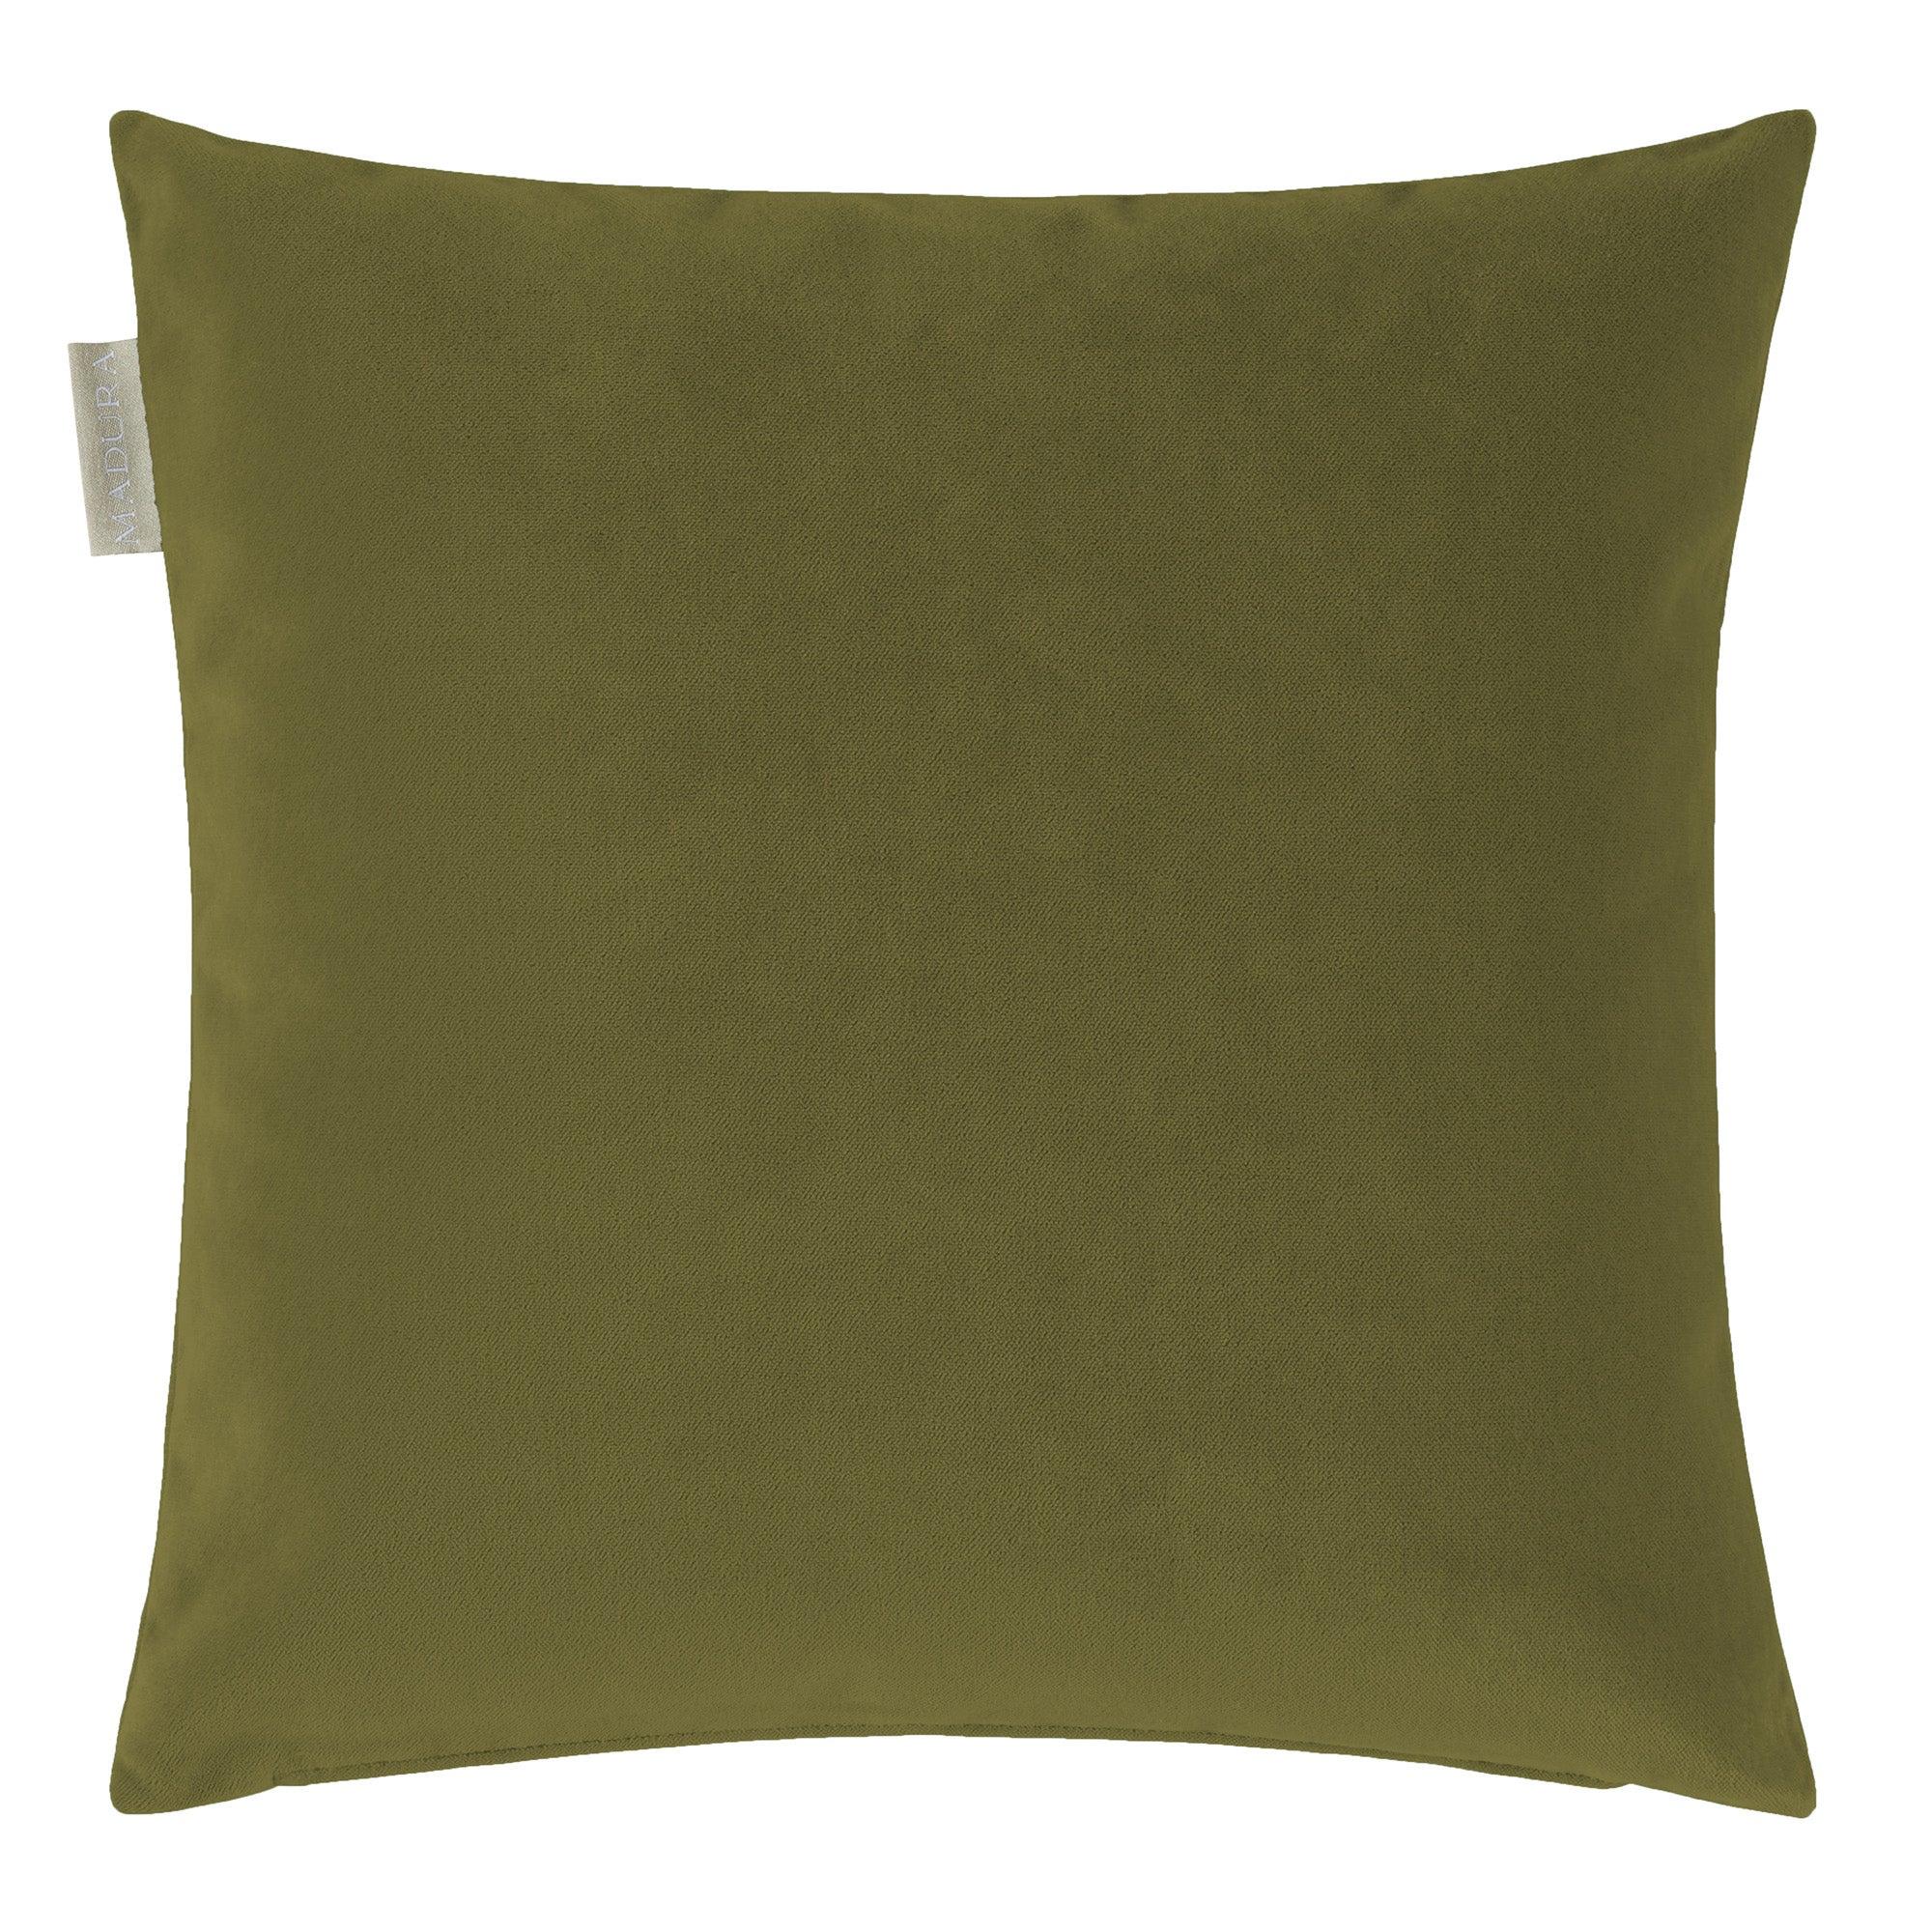 Housse de coussin 40x40 cm Vert olive